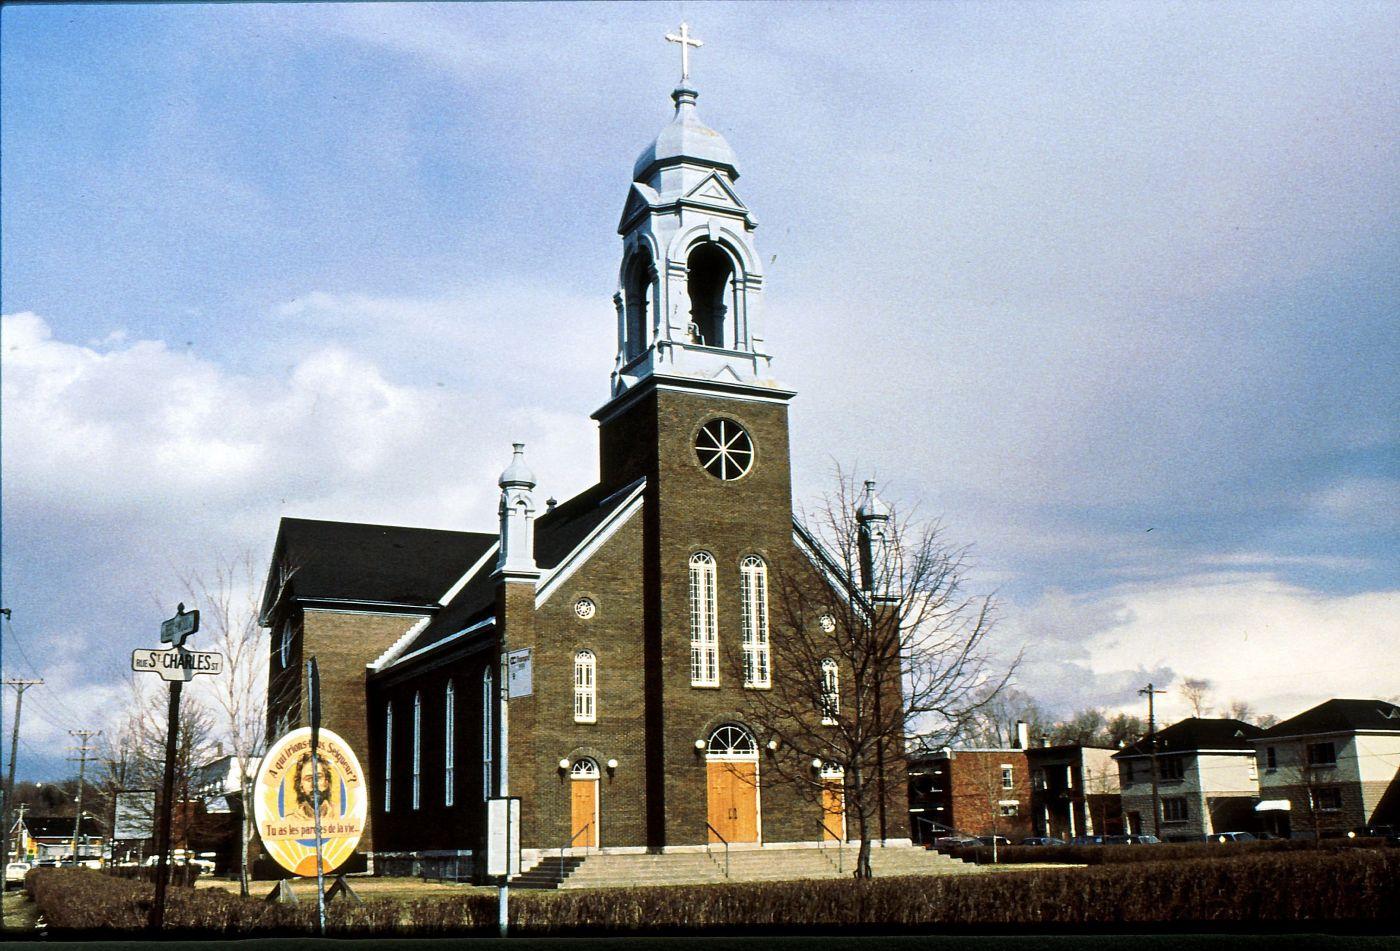 Photographie en couleur d'une église en brique brun foncé, ornée d'un imposant clocher argenté surmonté d'une croix. La façade de l'église compte trois portes, quatre longues fenêtres et un grand œil-de-bœuf. L'église est située près d'une rue passante, dans un quartier résidentiel.